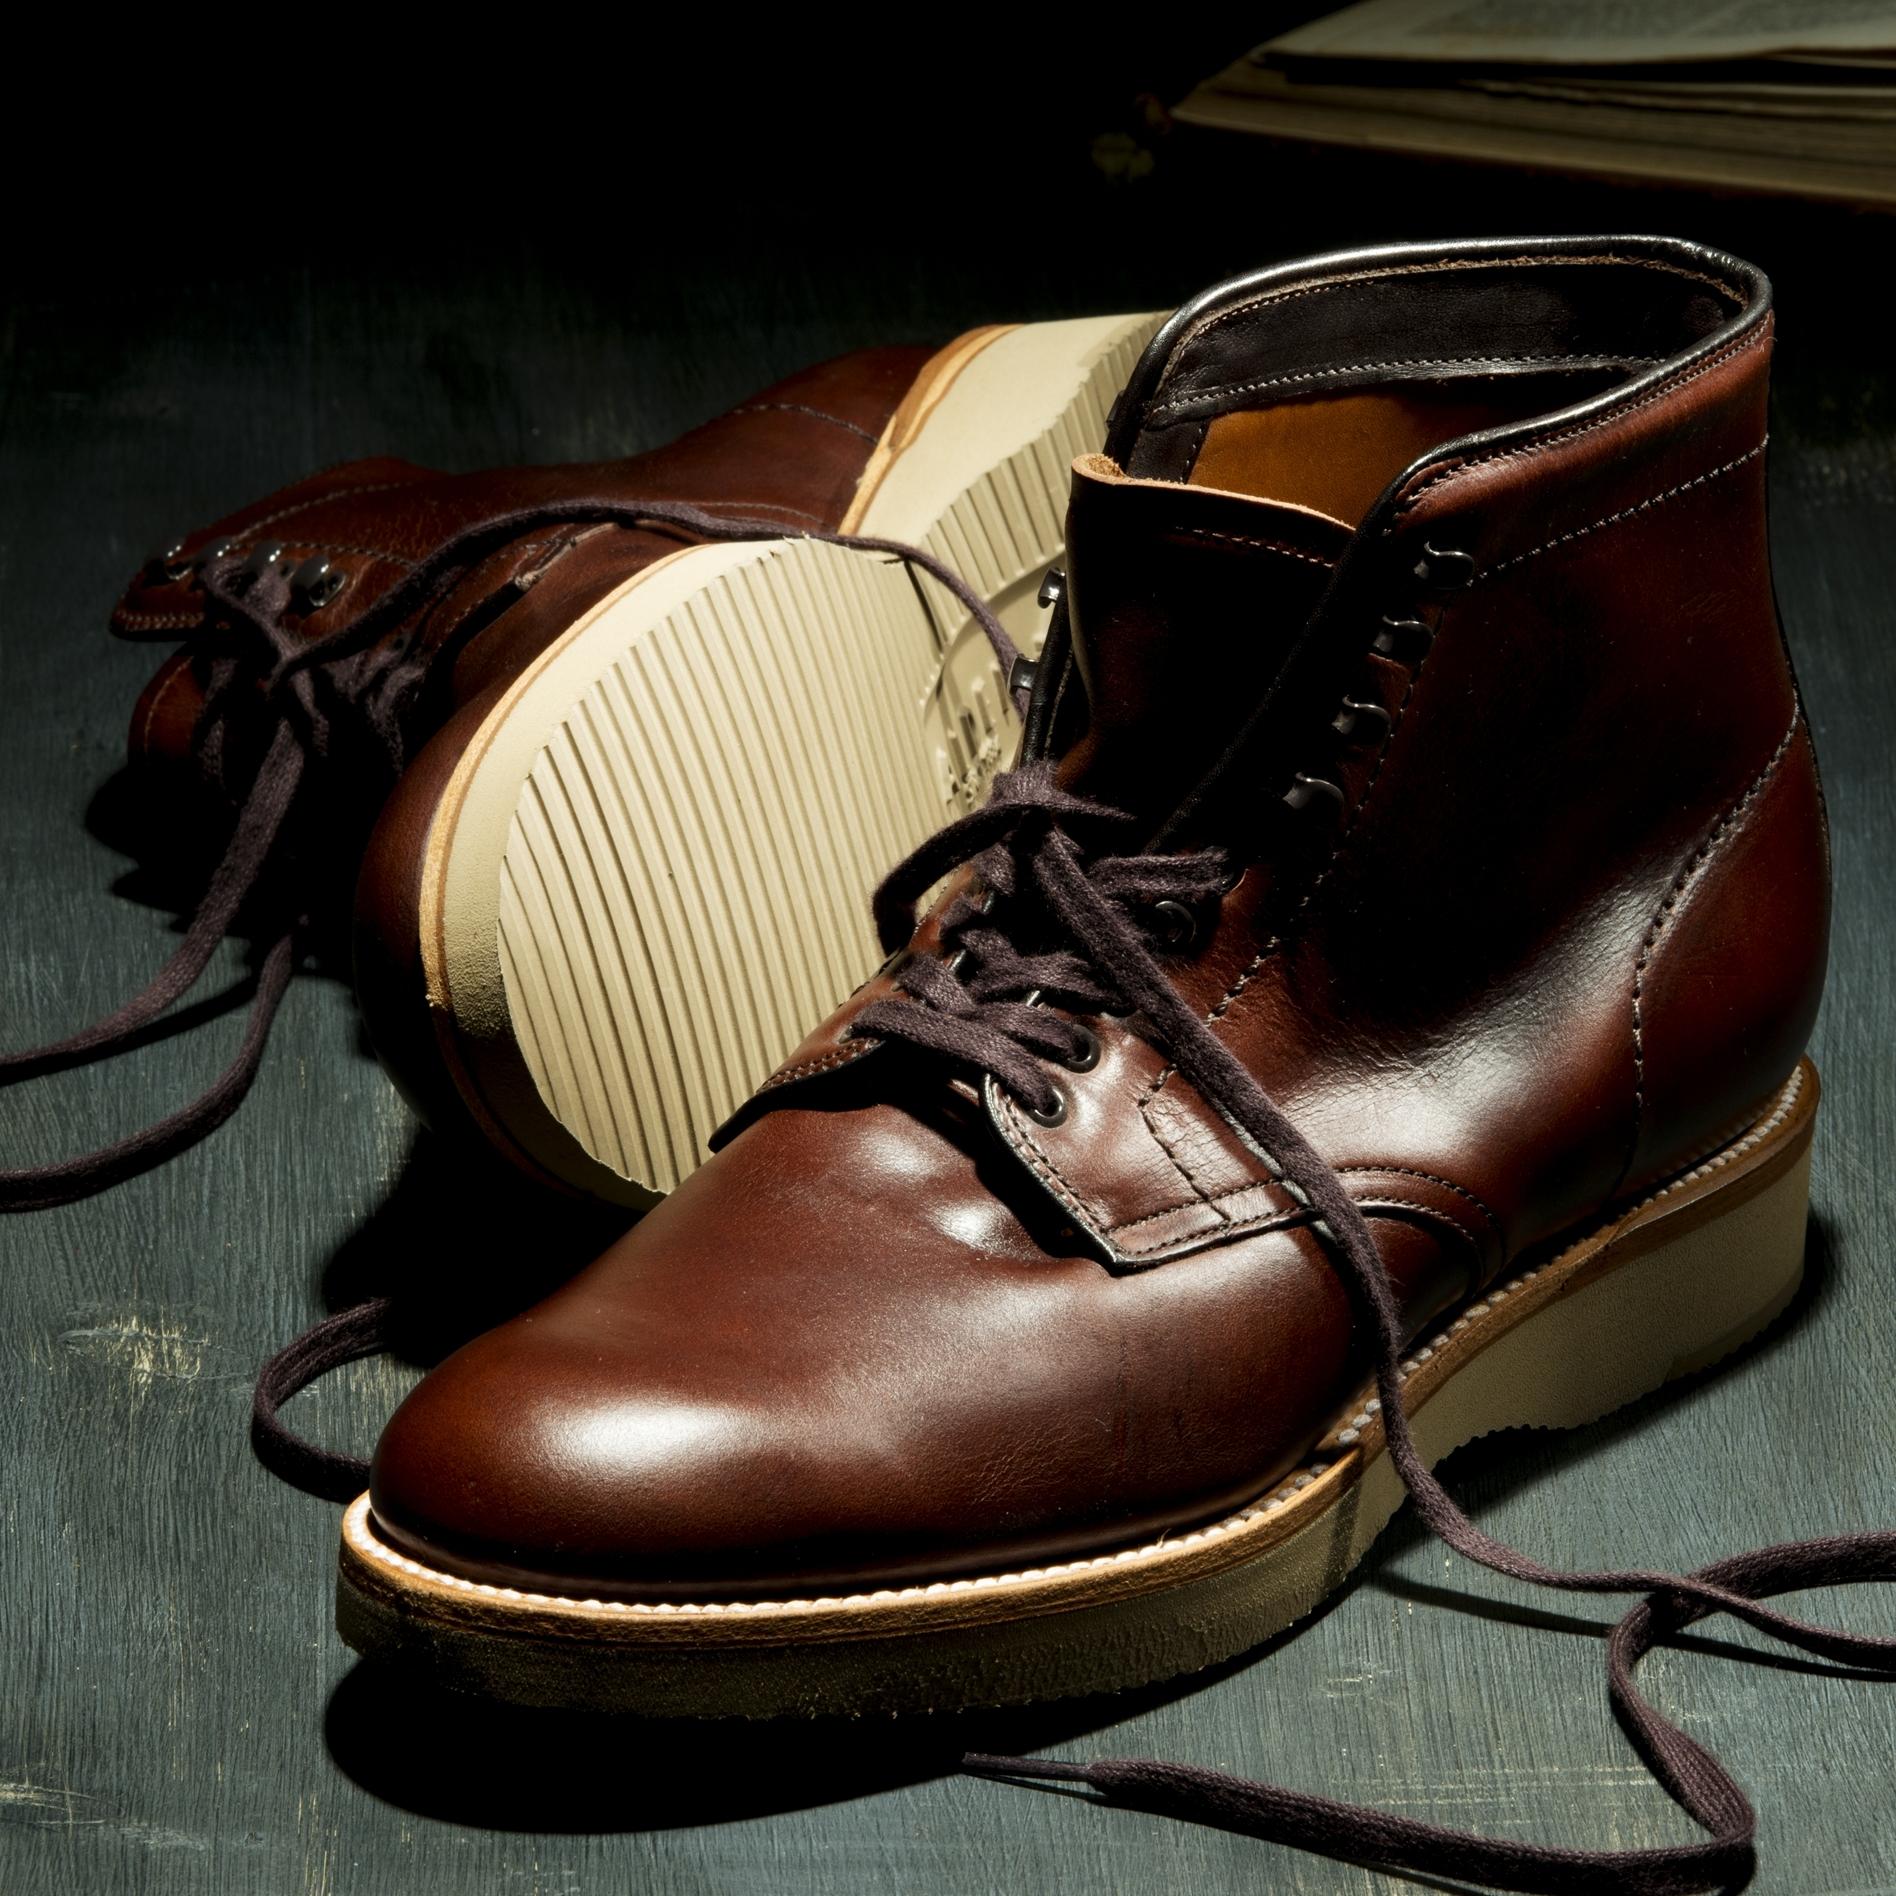 男なら誰もが憧れを抱くアメリカ製革靴の最高峰といえば…